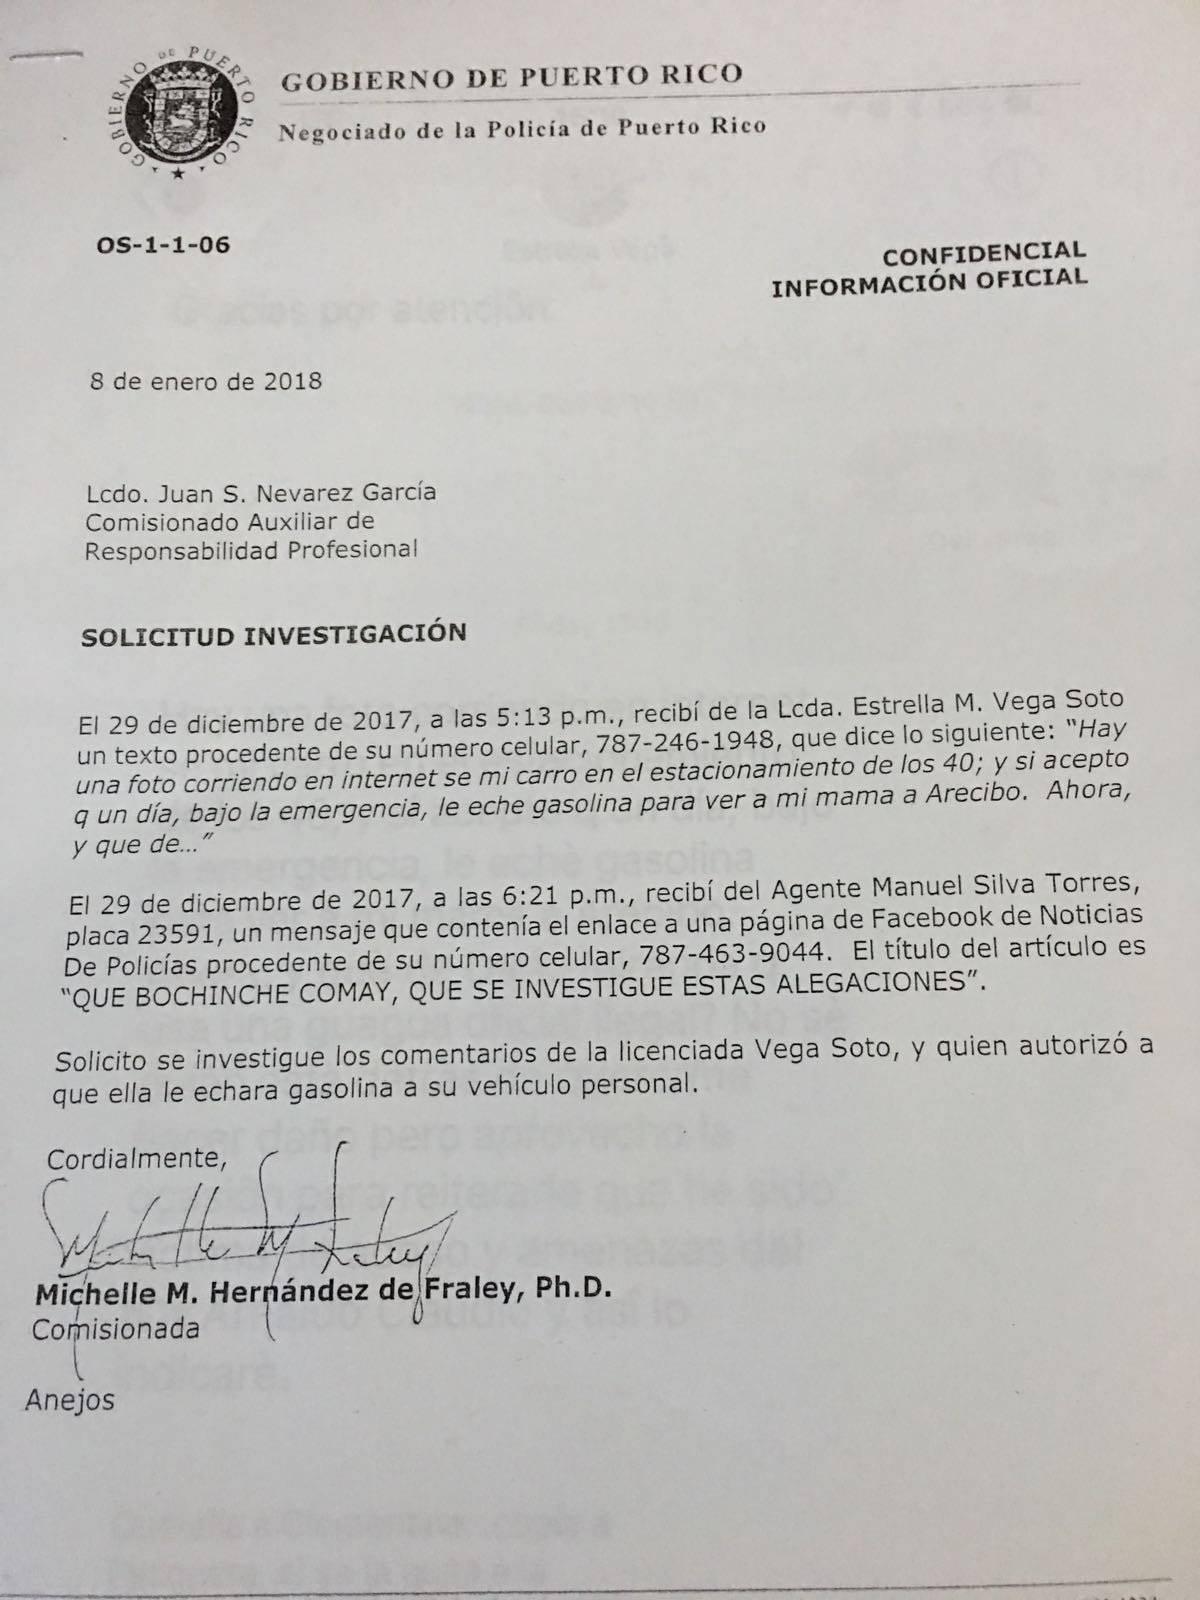 Cartas enviadas por Michelle Hernández solicitando una investigación sobre la asesora legal de la Policía.